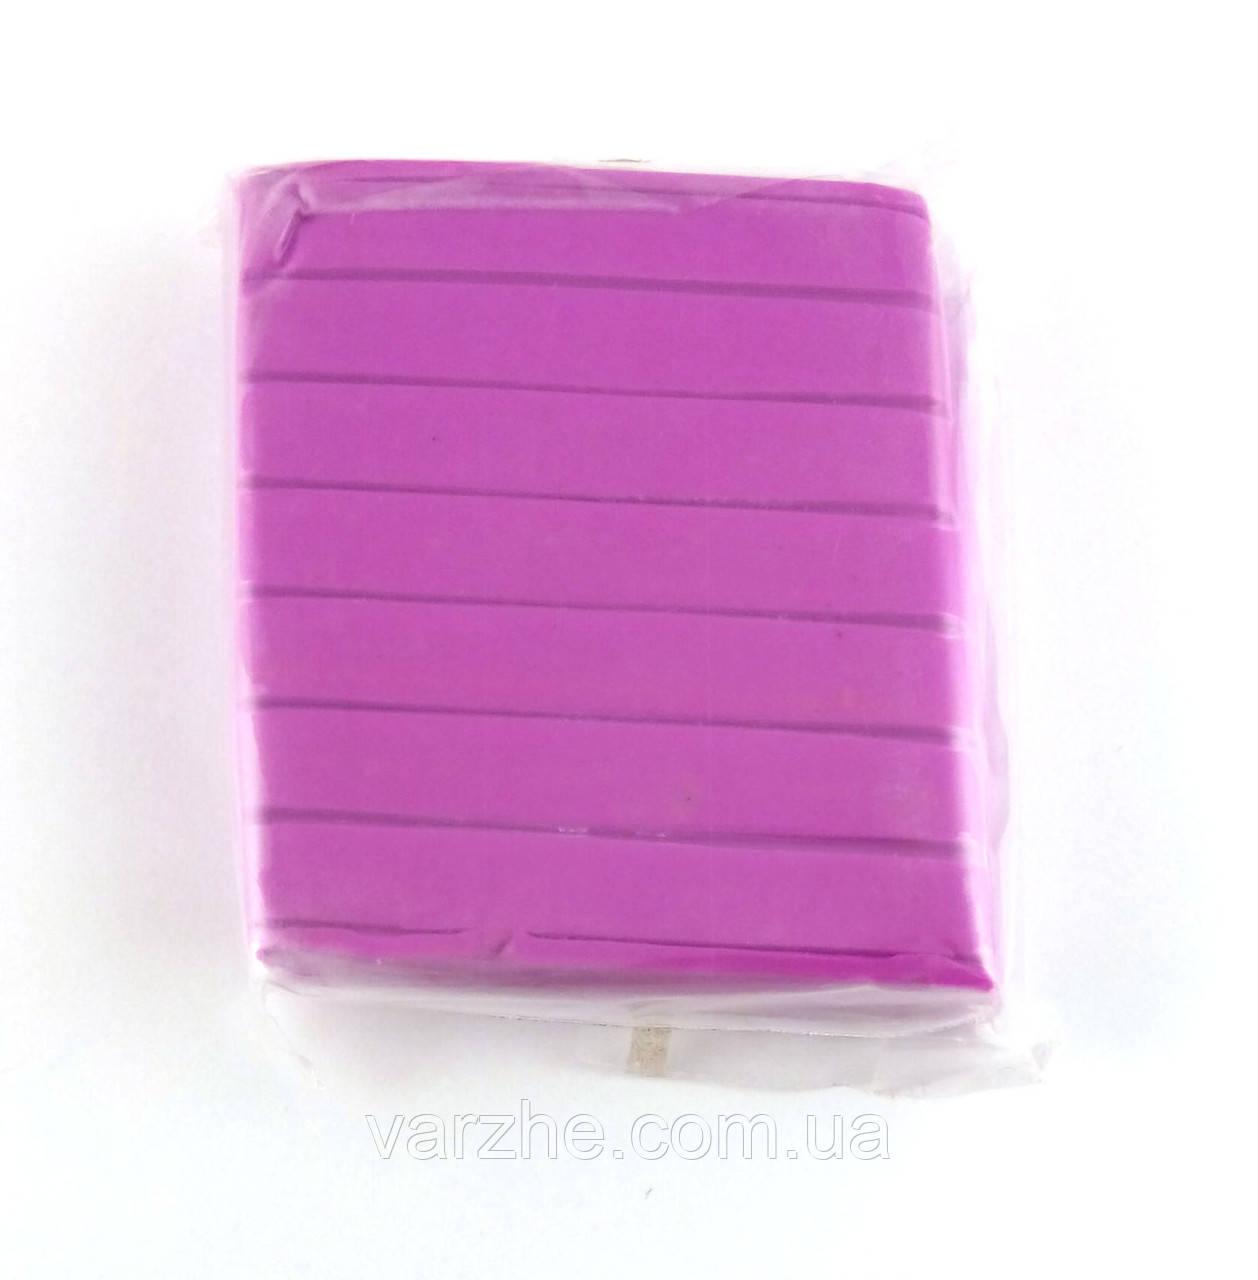 Полимерная глина, фиолетовая - Varzhe в Хмельницком